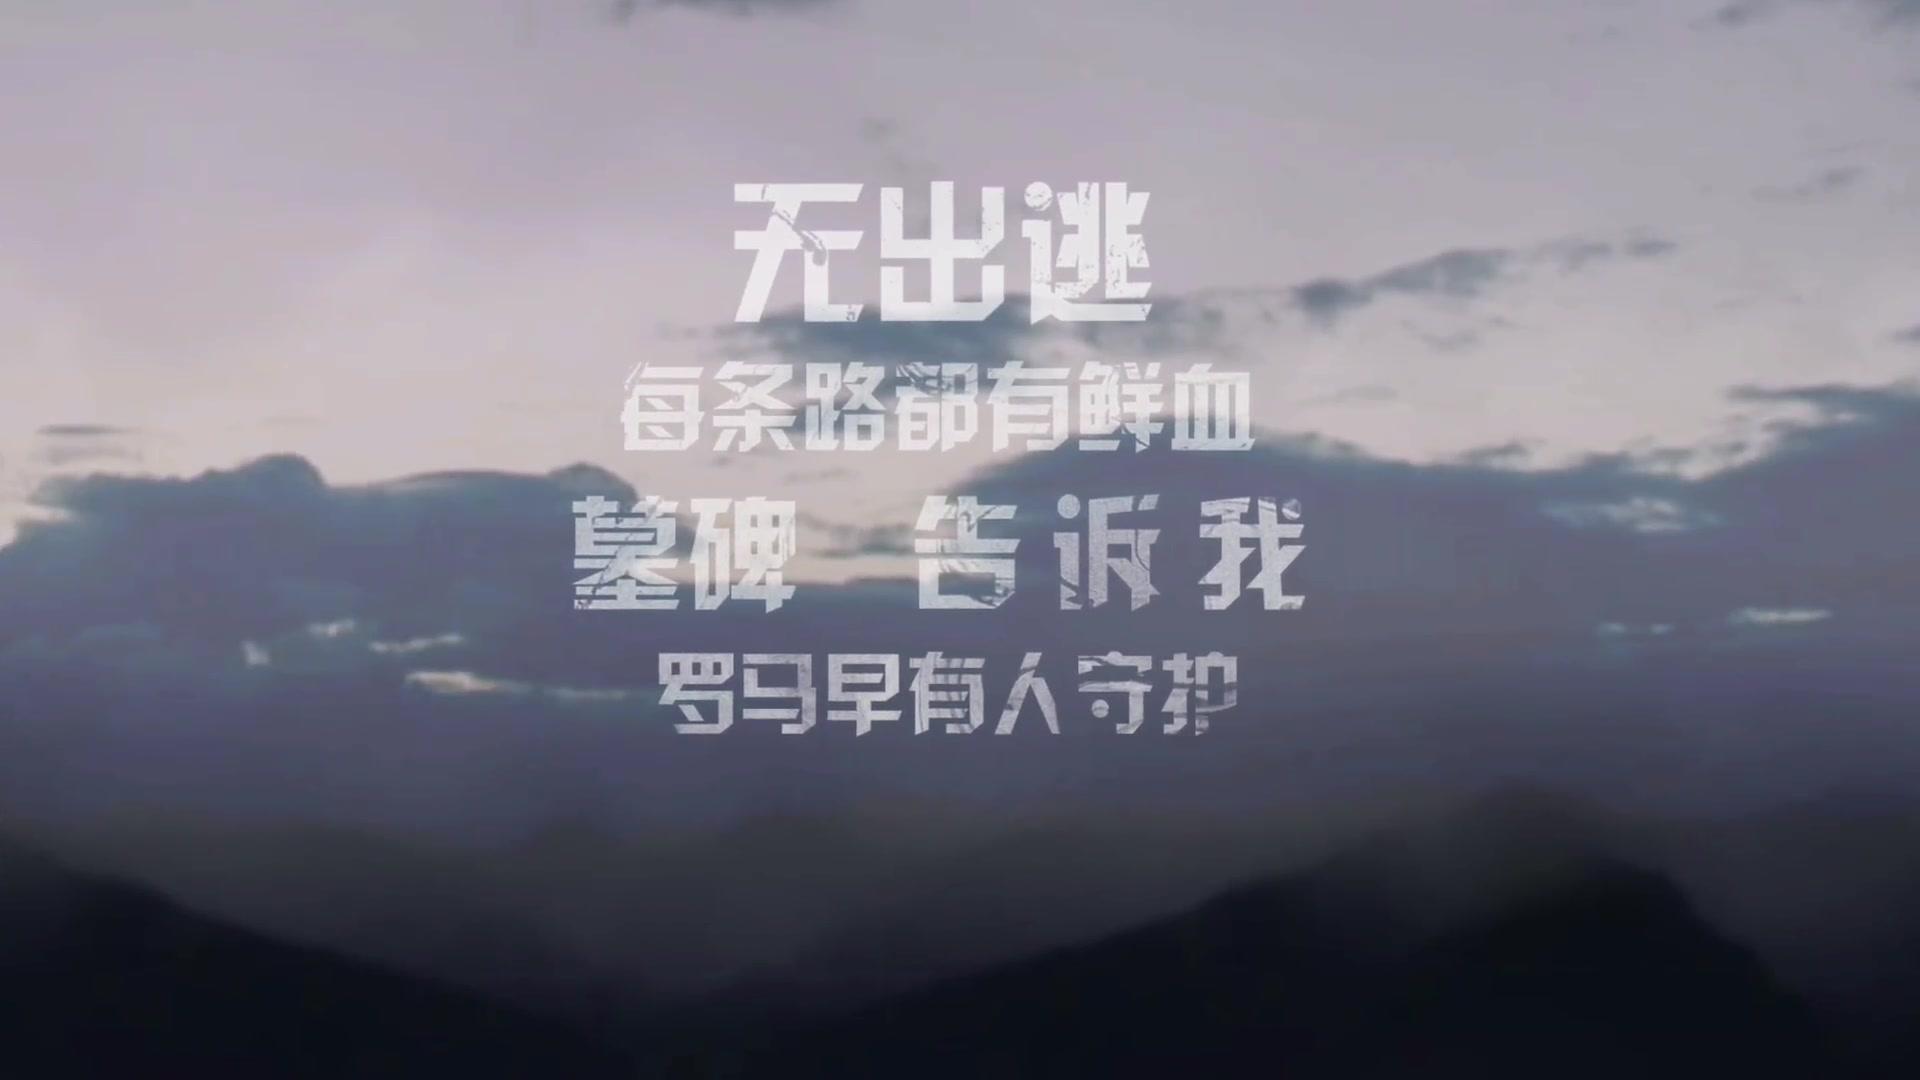 北京金属核/后核乐队醒山(awakemountains)新罗马歌词mv